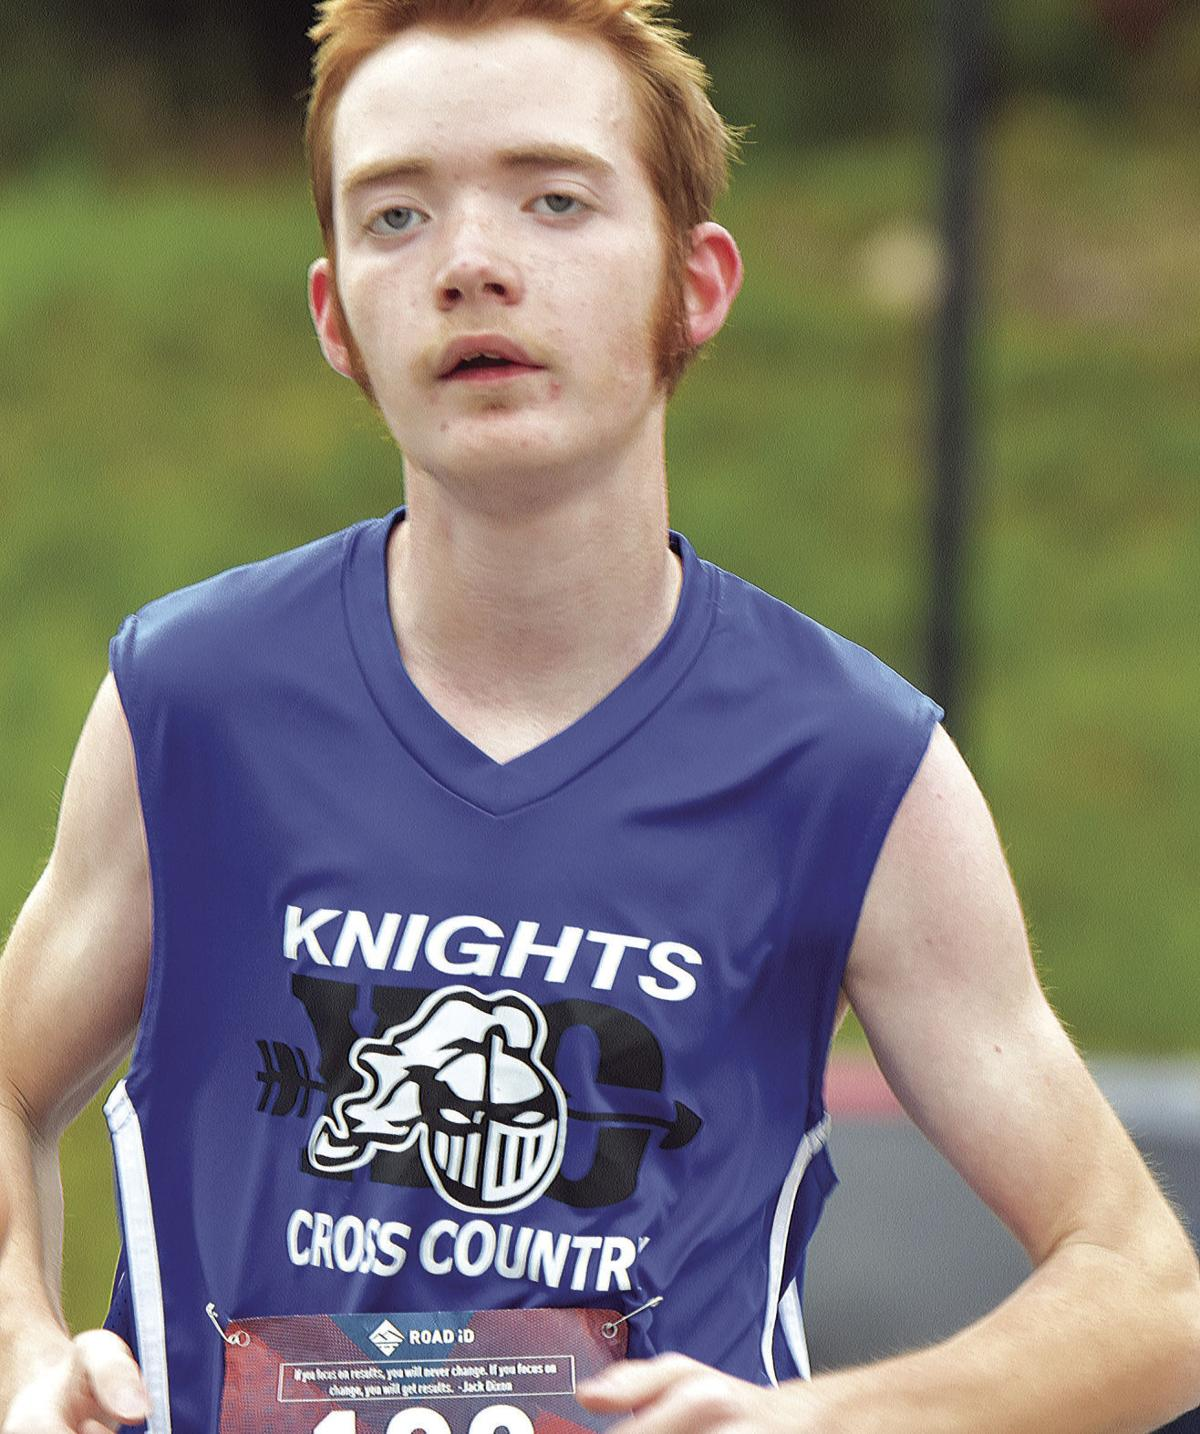 Knights, Ospreys compete in Warrior Run